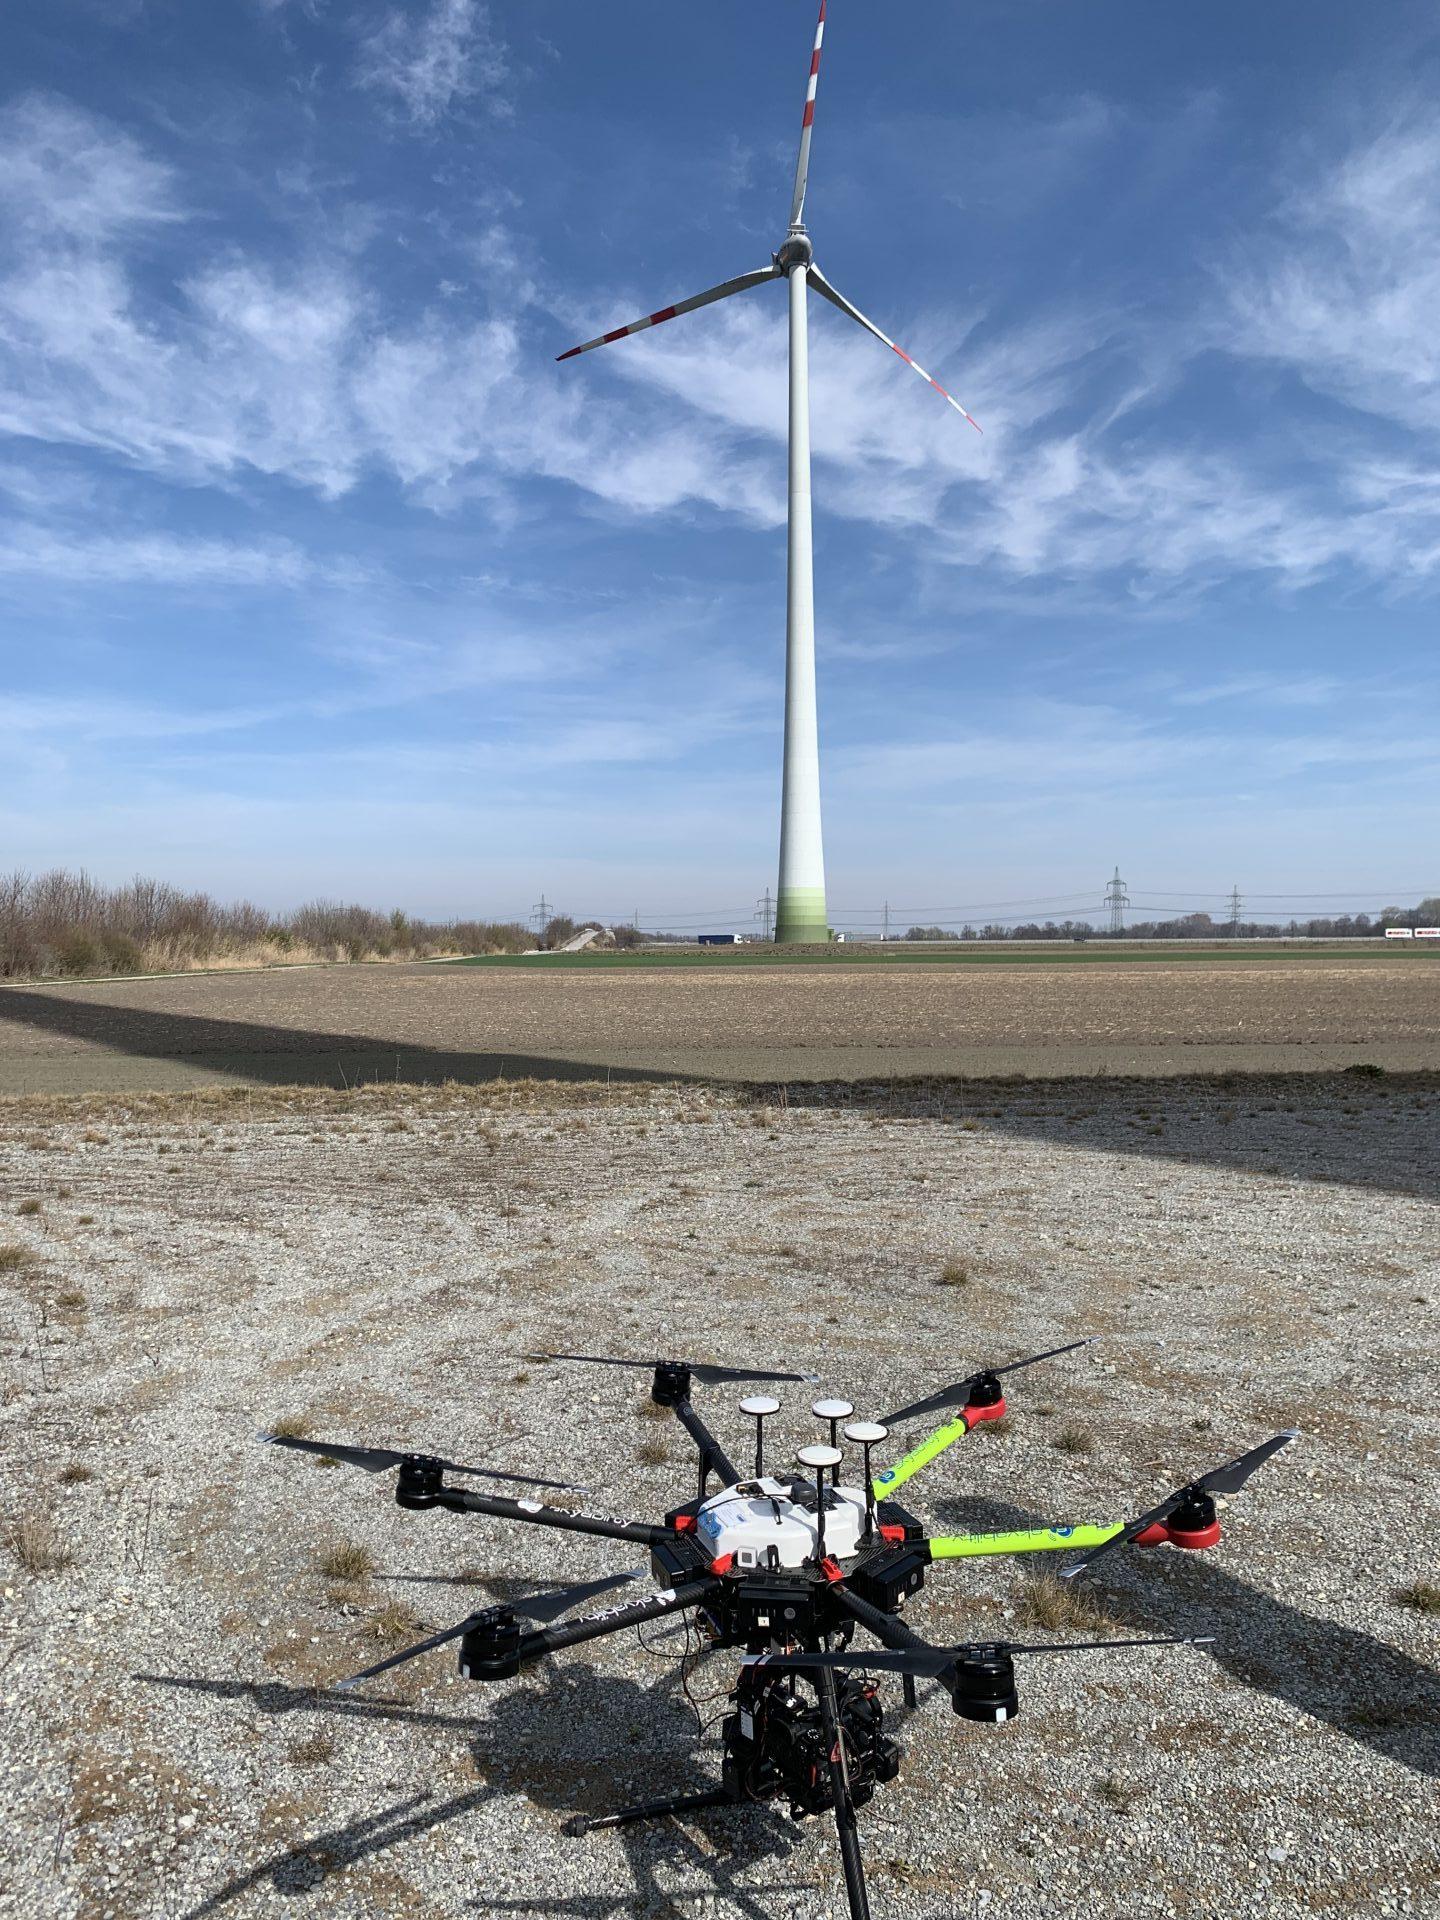 Drohnenwartung aus nächster Nähe; Fotocredit: Energieleben Redaktion